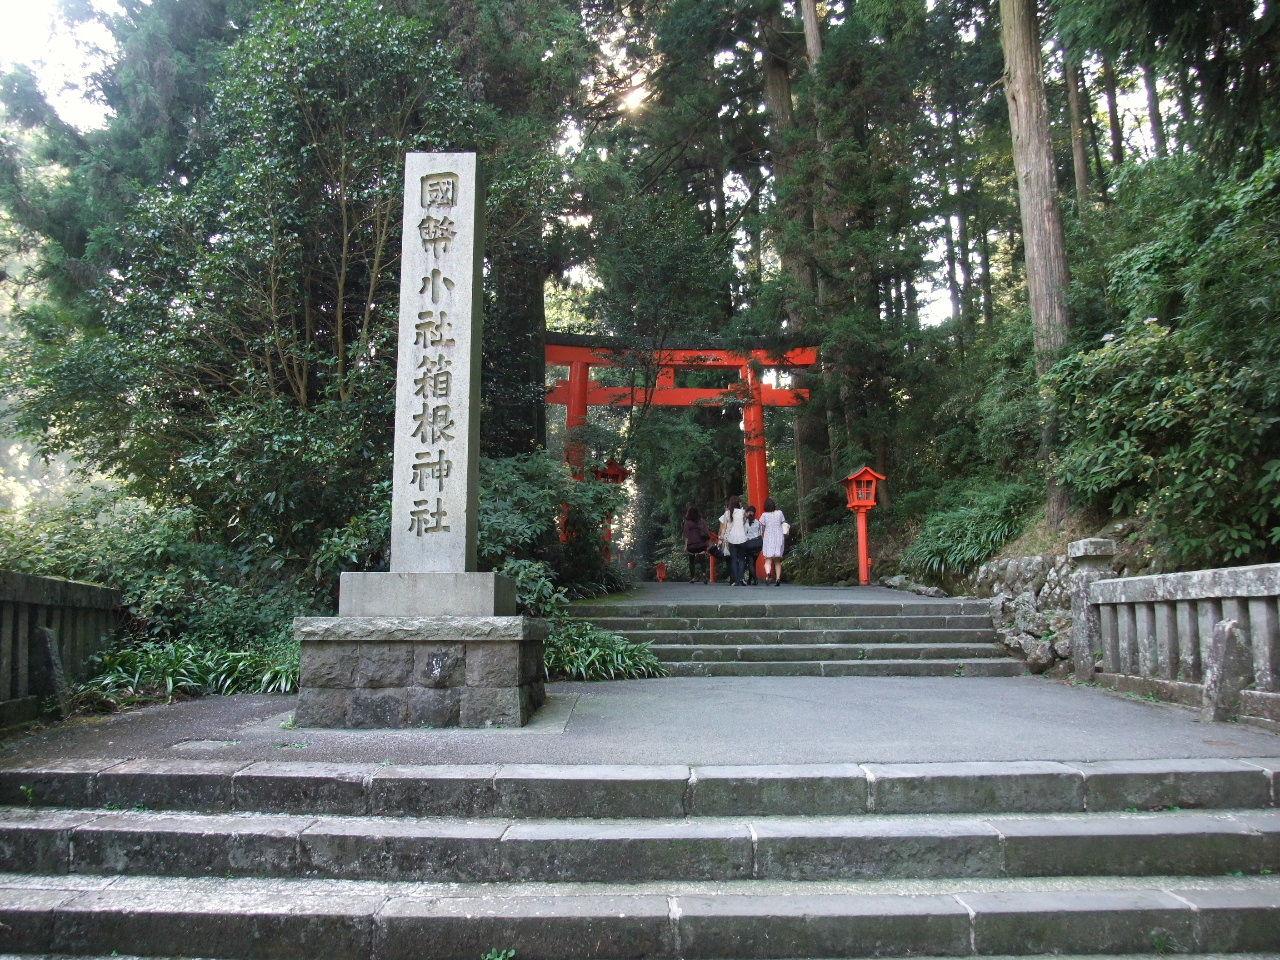 今日の参拝(1) -箱根神社@小涌谷- : 彷徨私事記